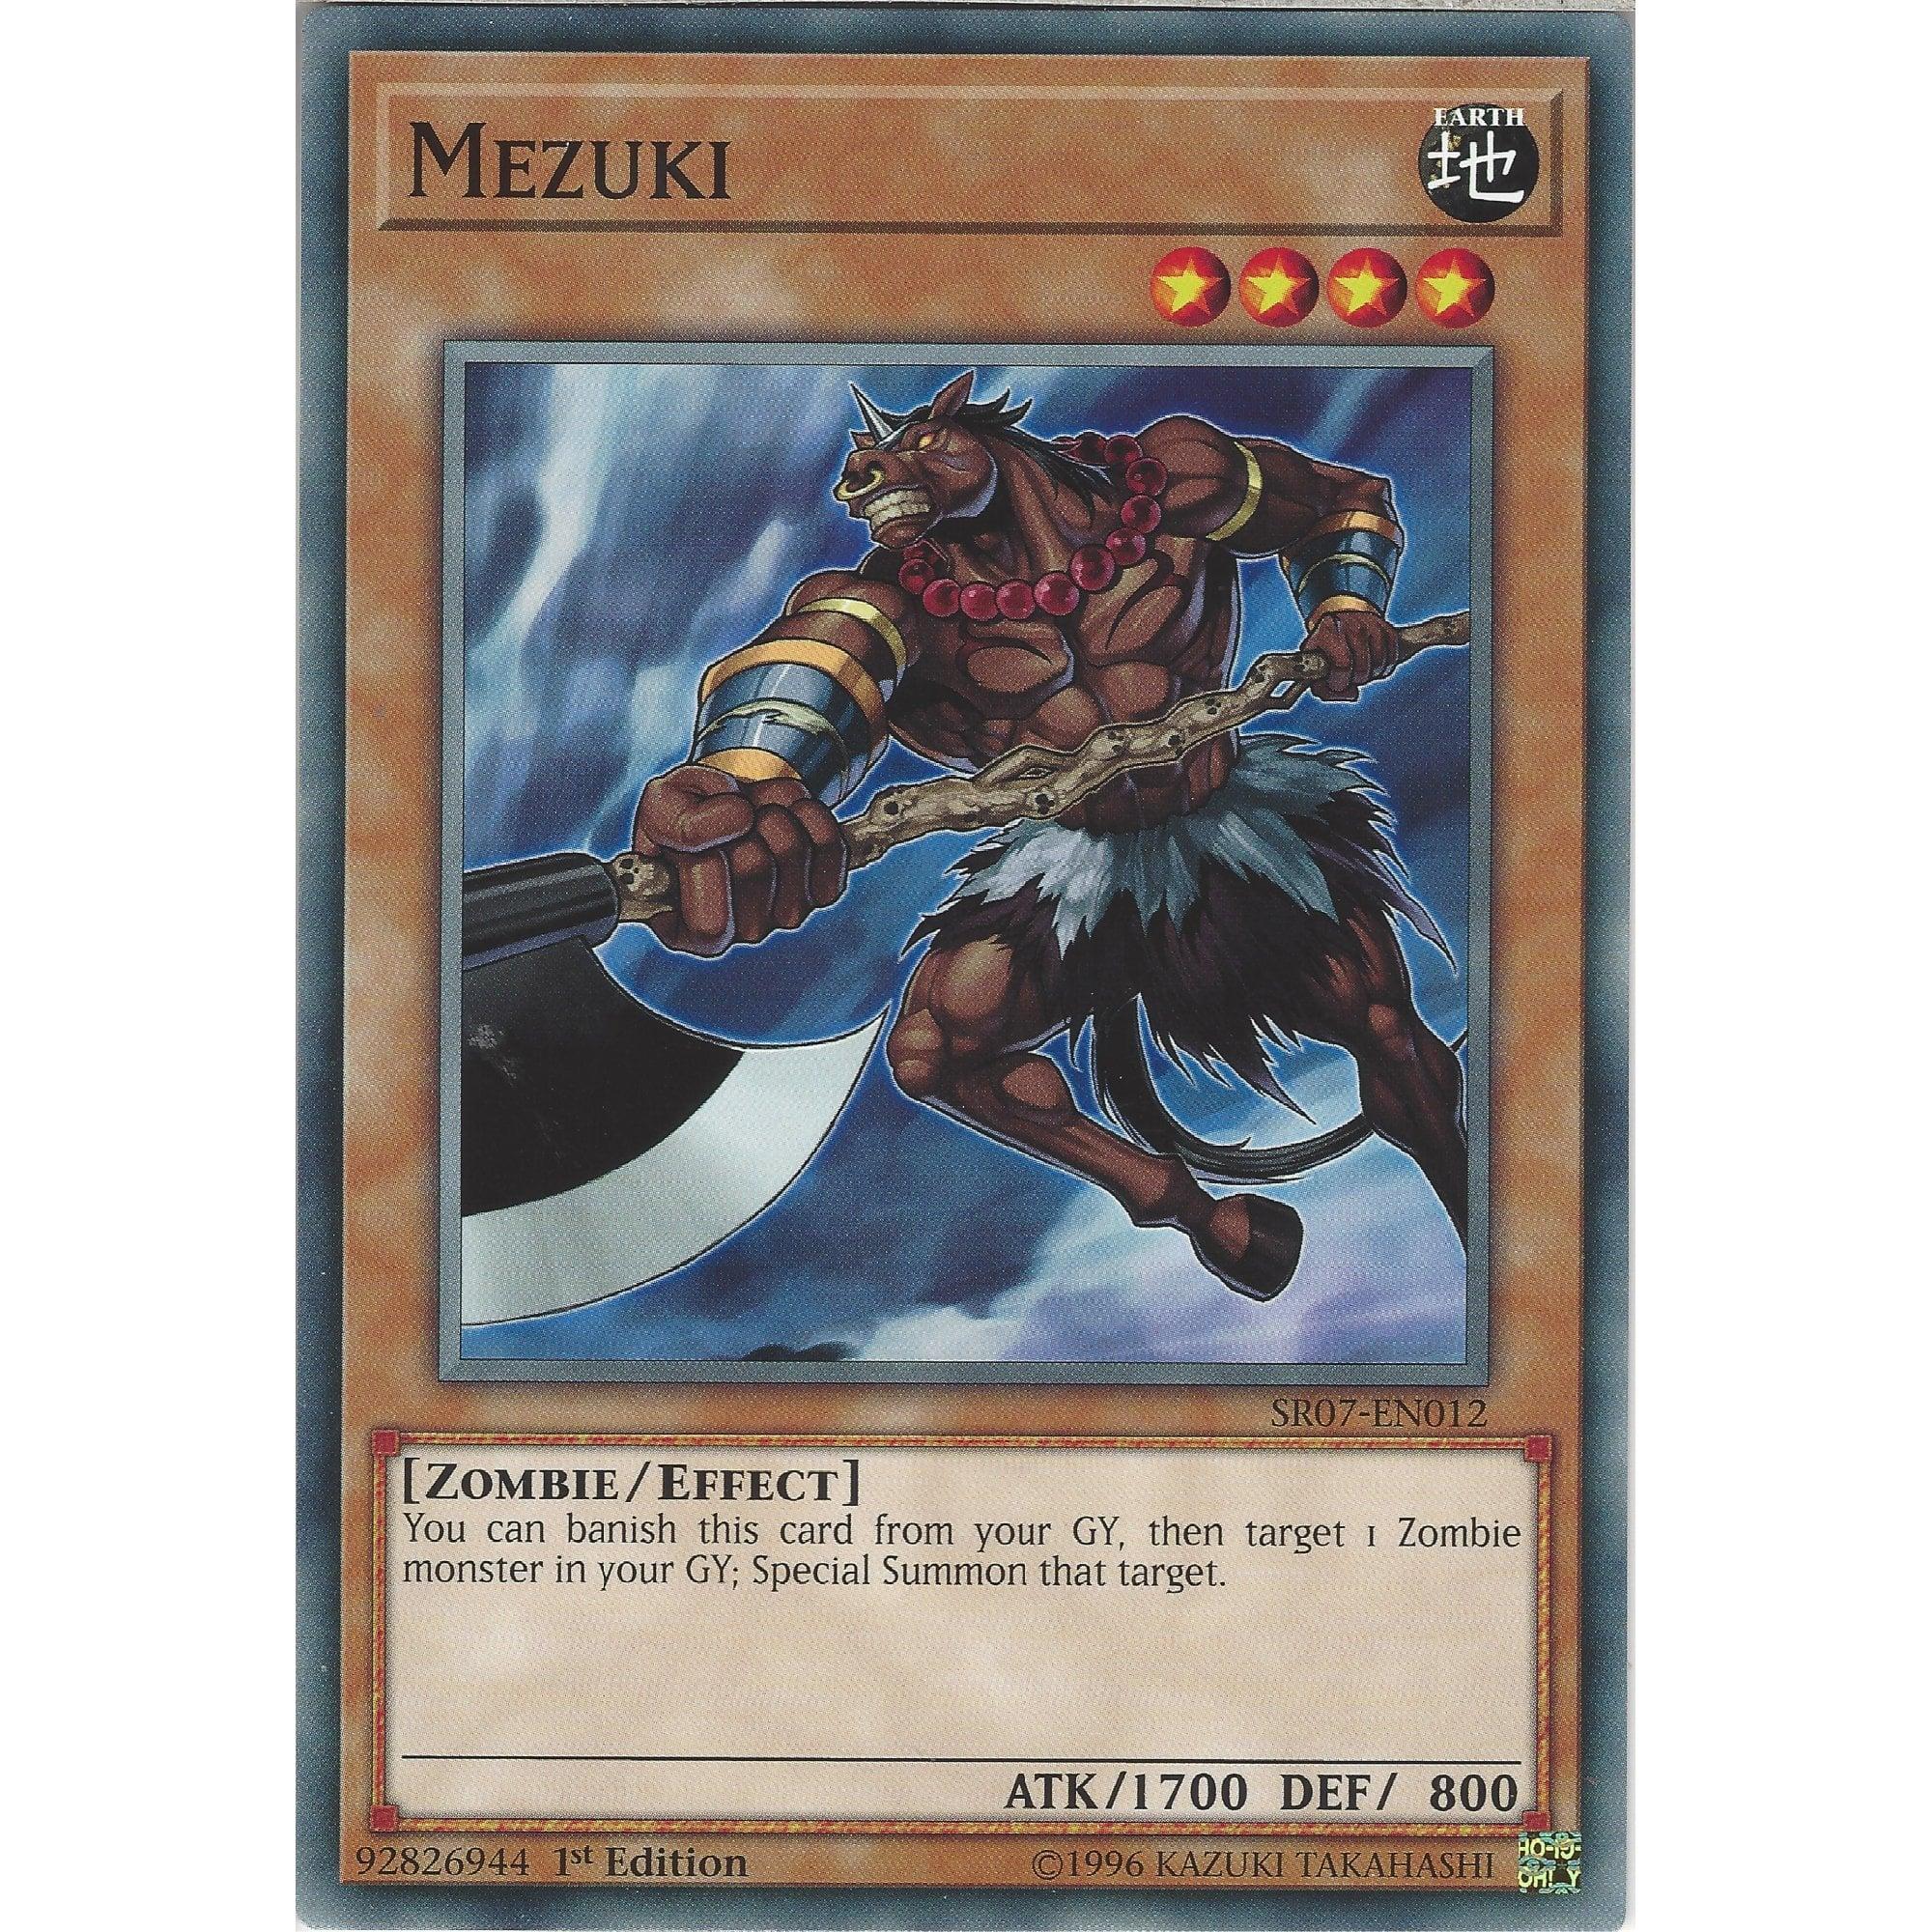 Mezuki 1st Edition - Common SR07-EN012